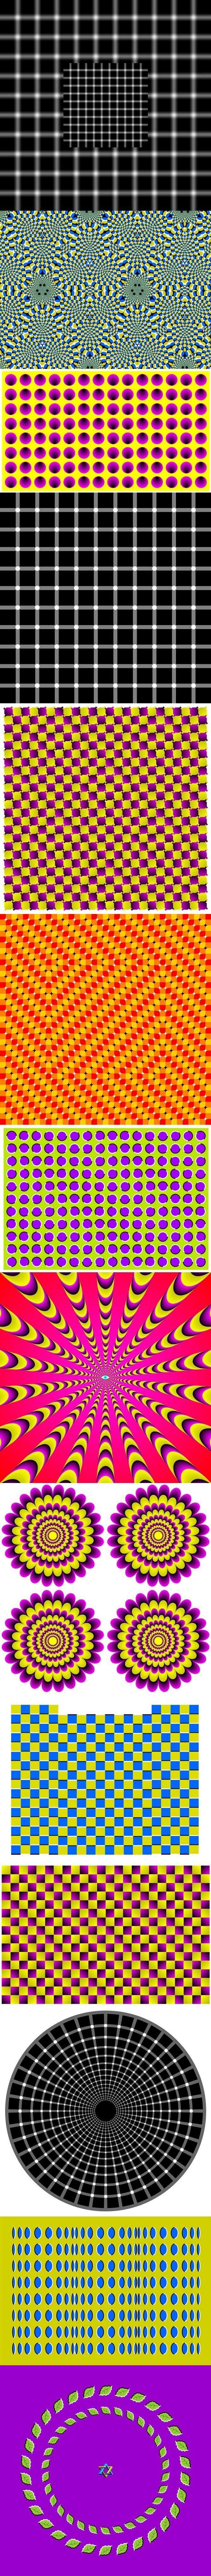 Оптические иллюзии Акиоши Китаока – японского профессора психологии из киотского университета Рицумейкан, специалиста в области зрительного восприятия человека. Основой для оптических иллюзий, которые создаёт профессор Китаока, служит современная концепция гештальтпсихологии. Все представленные ниже картинки являются статичными и только статичными изображениями — не анимацией.